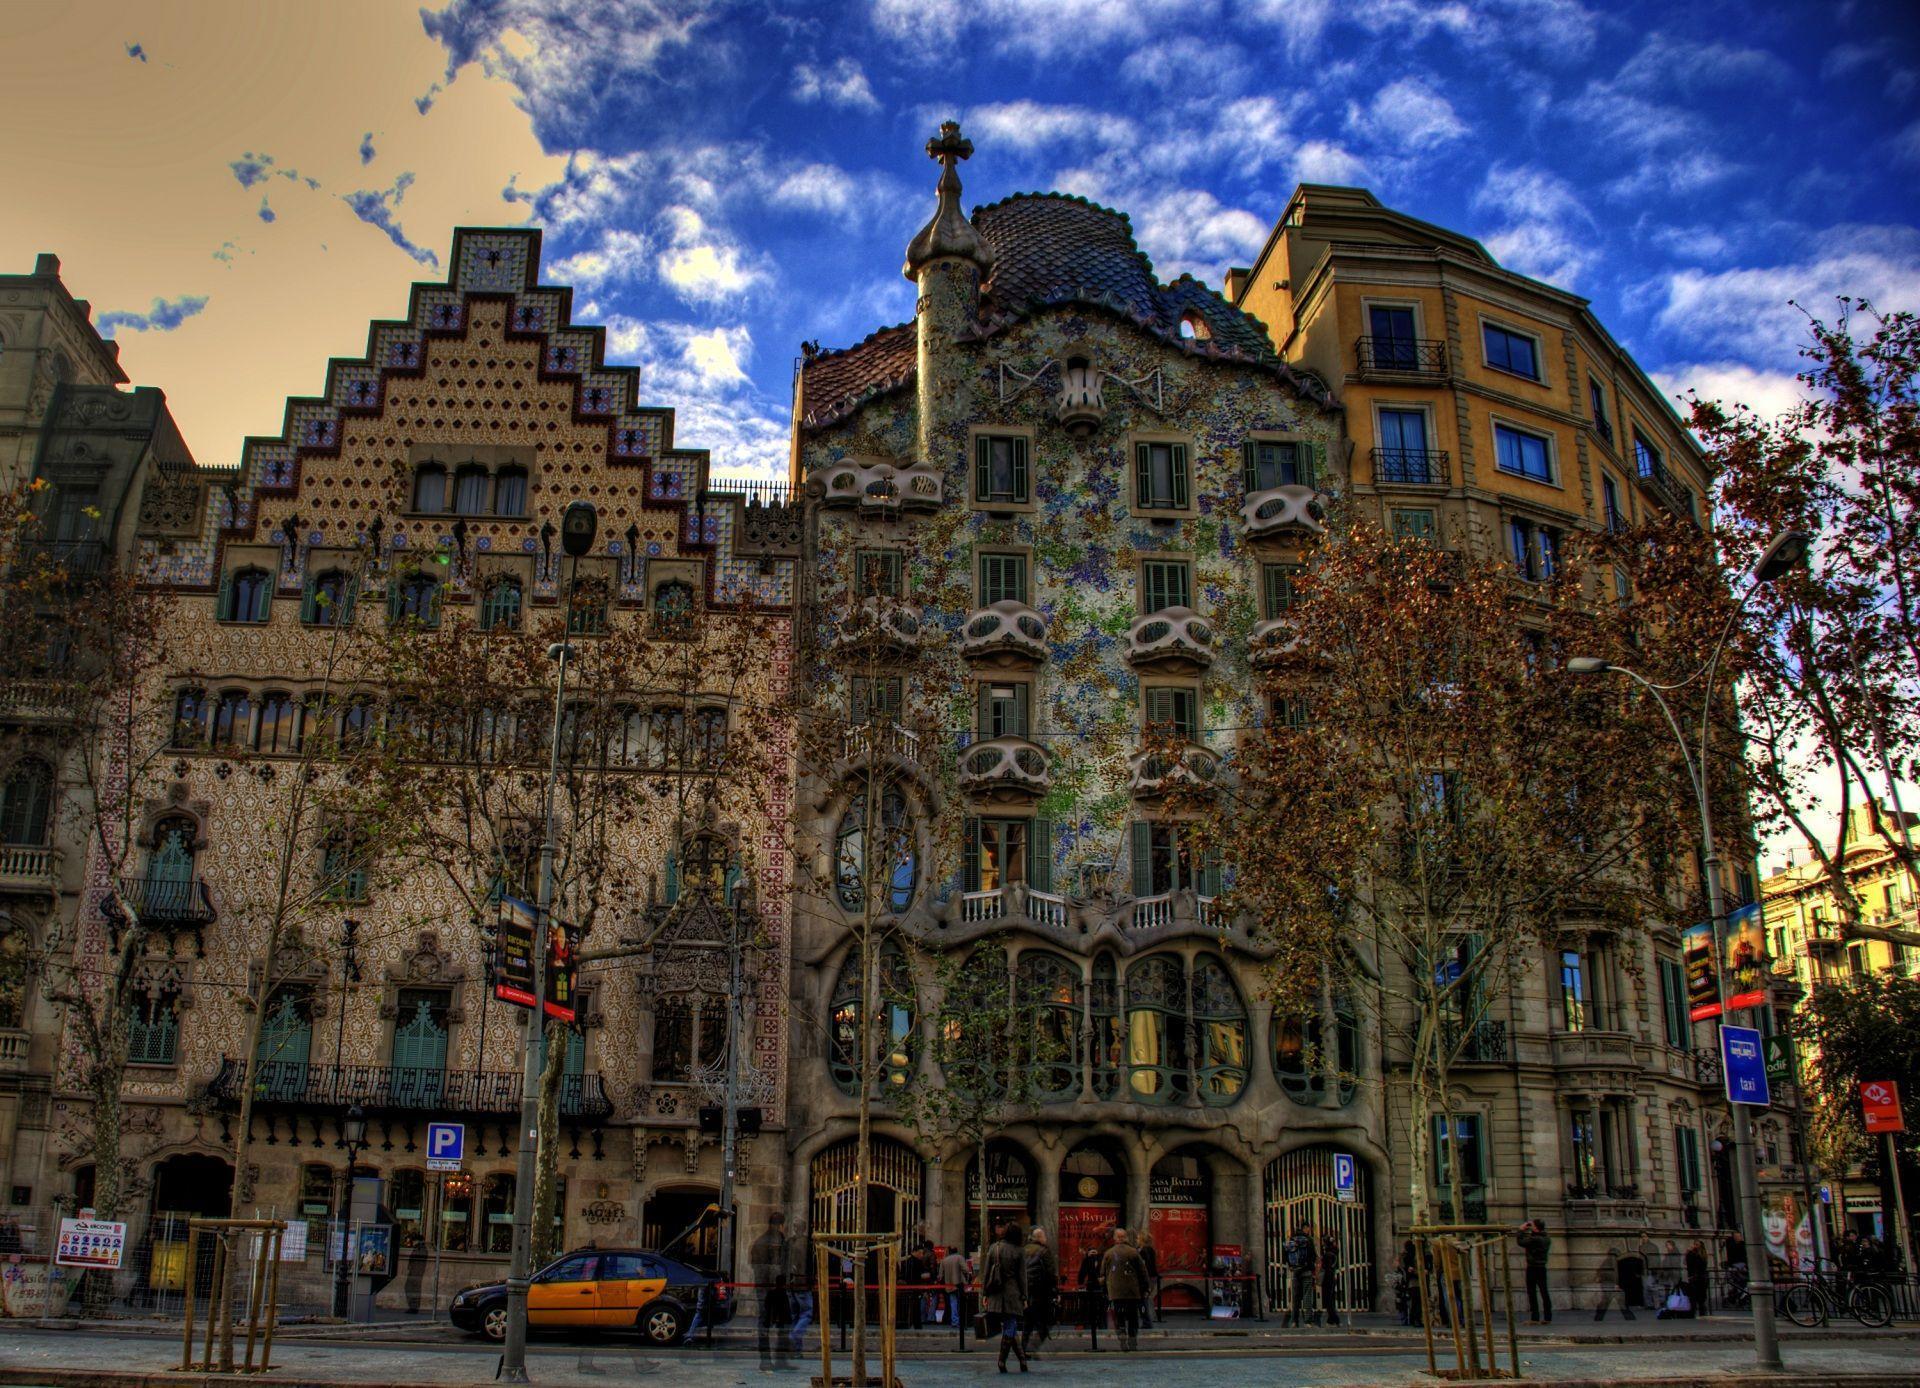 City of Barcelona, Spain Computer Wallpapers, Desktop Backgrounds ...